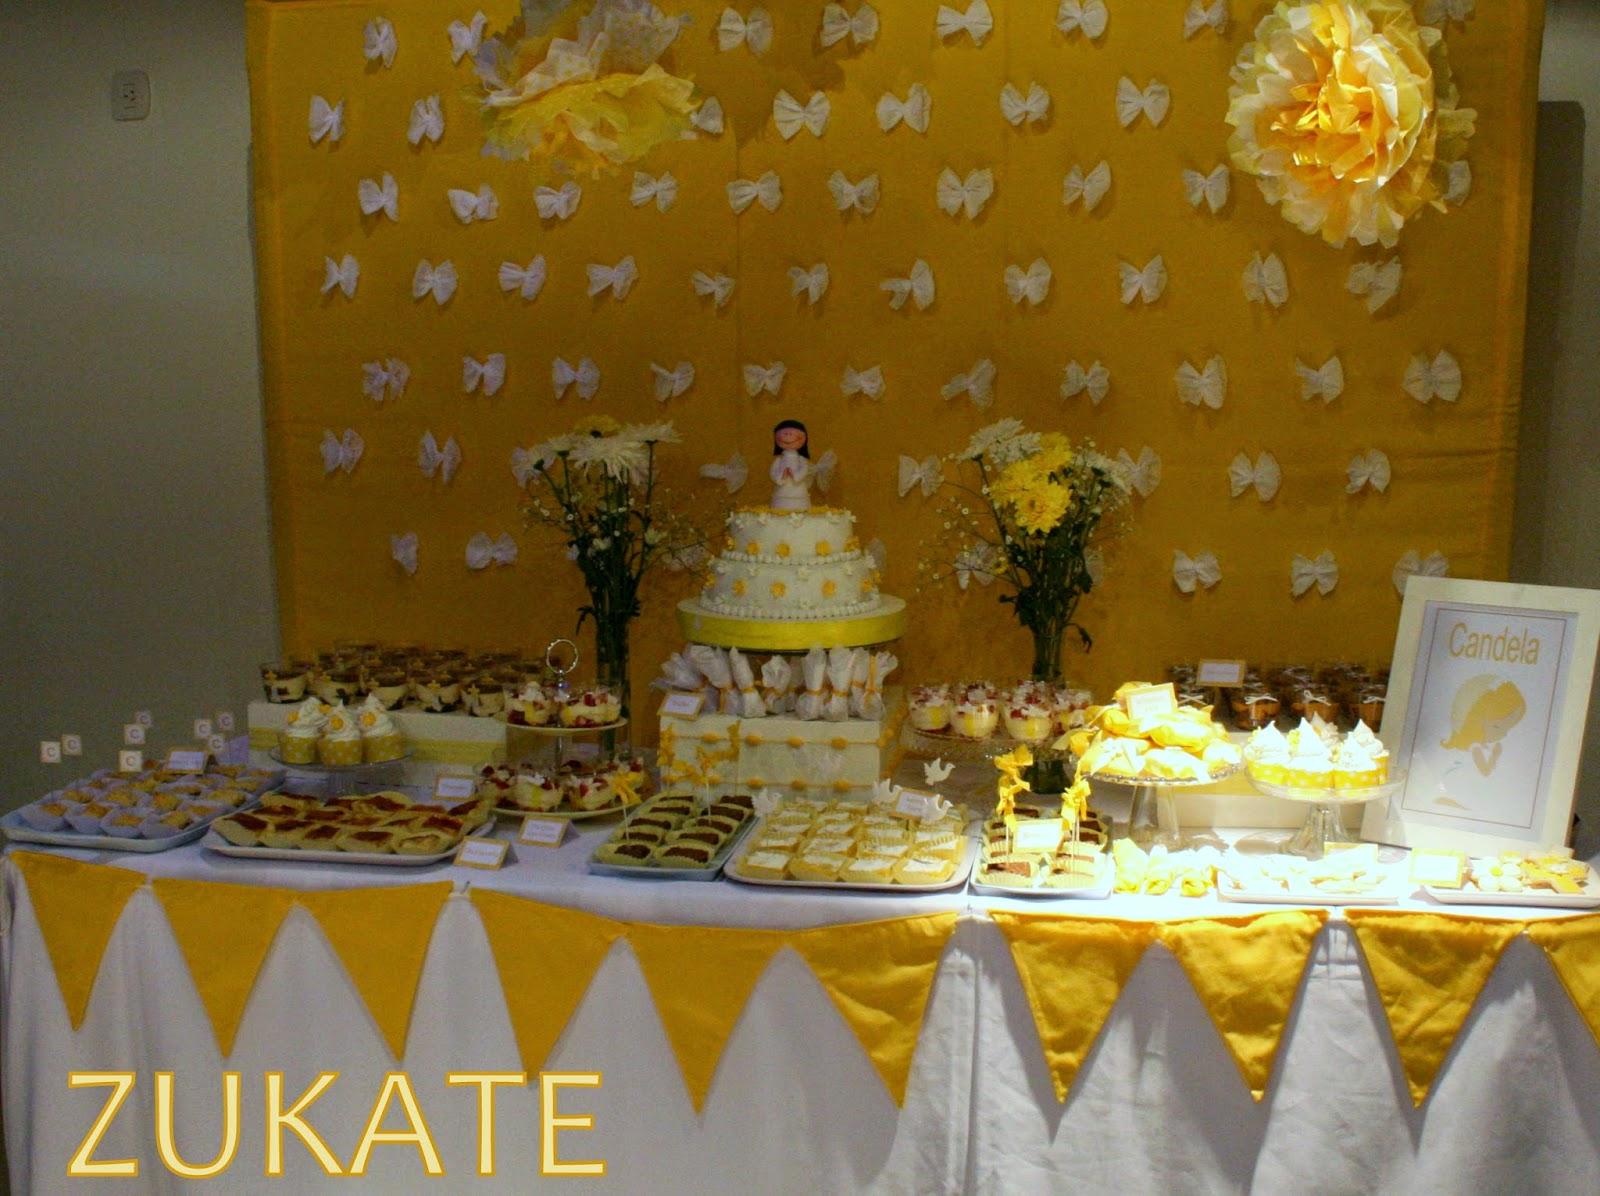 Fiesta de primera comuni n para candela zukate - Ideas para mesas dulces de comunion ...